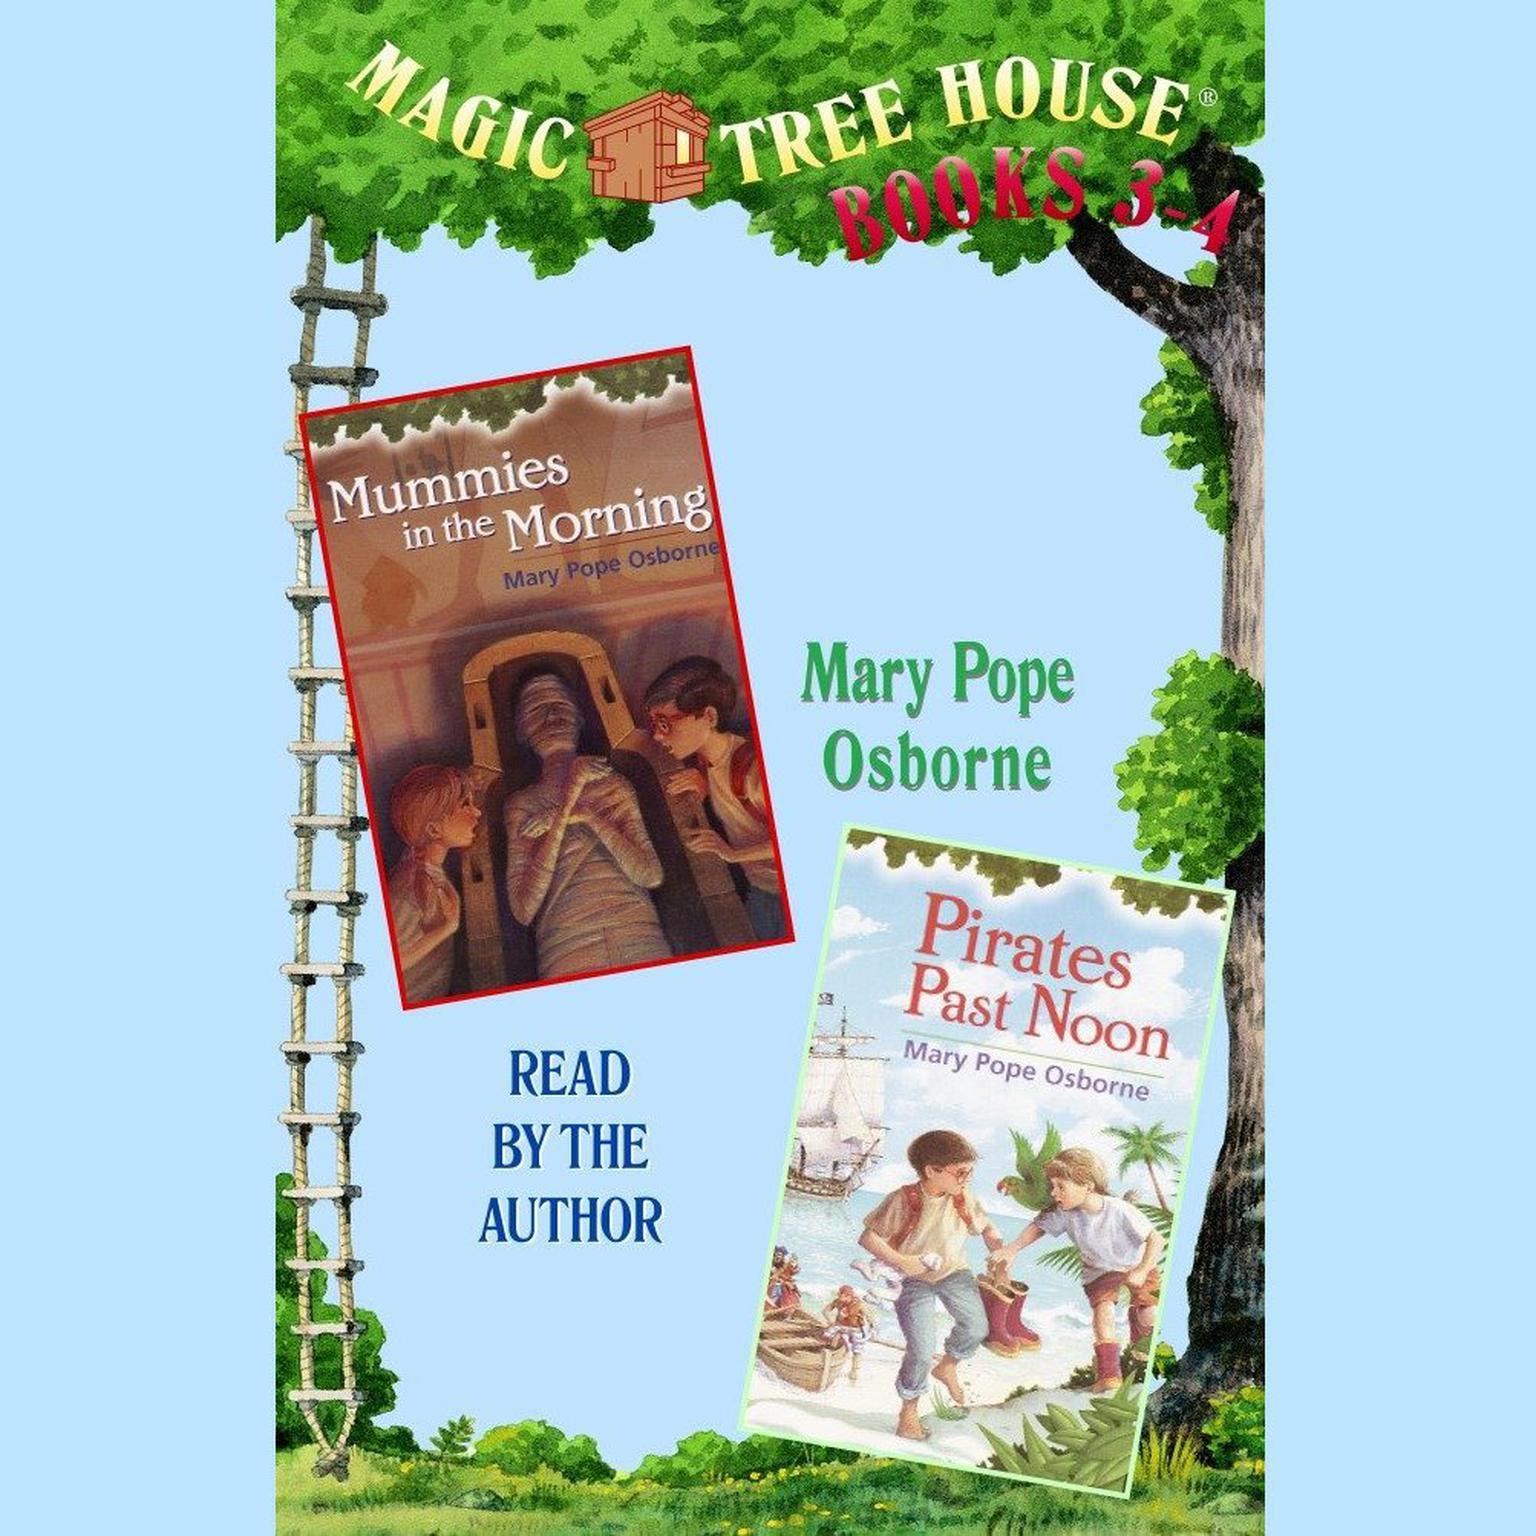 Magic Tree House Books 3 And 4